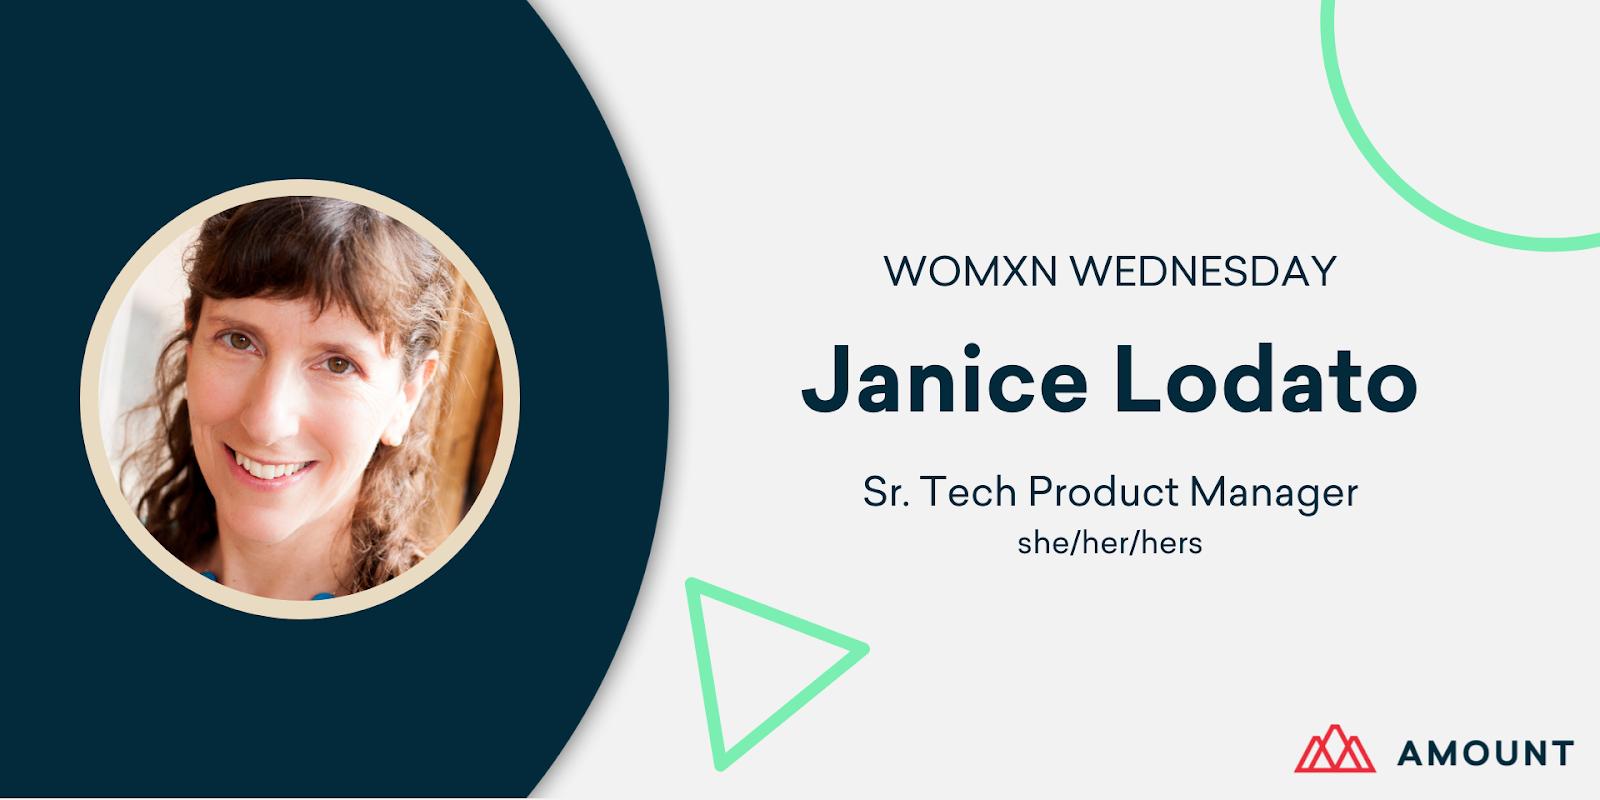 Womxn Wednesday - Janice Lodato